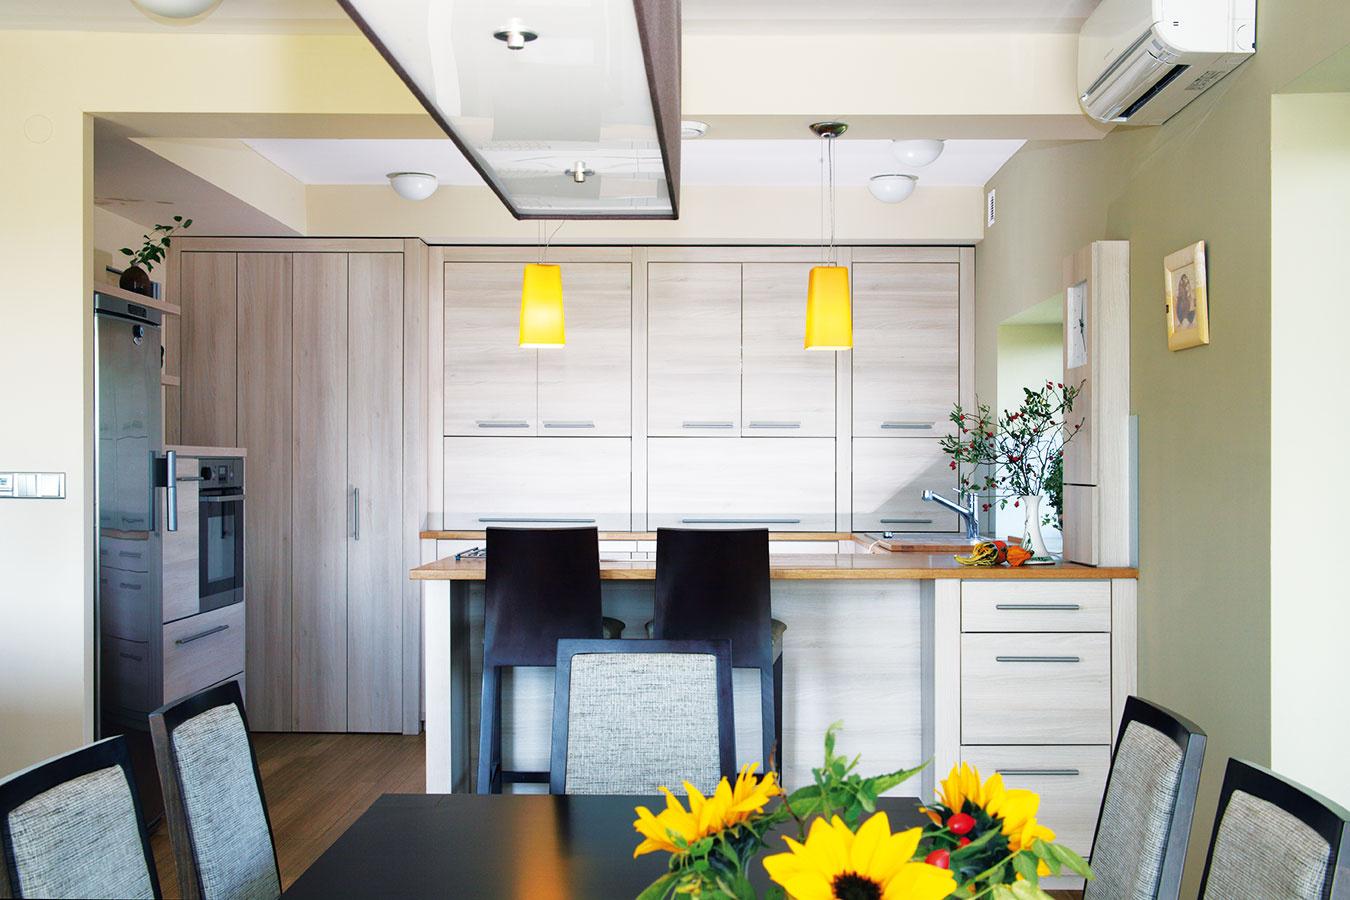 Vkuchyni by ste márne hľadali otvorené police – všetky kuchynské nevyhnutnosti sú skryté za dvierkami, vďaka čomu priestor pôsobí  čisto aúhľadne. Sviežim farebným akcentom sú žlté svietidlá nad kuchynským pultom.